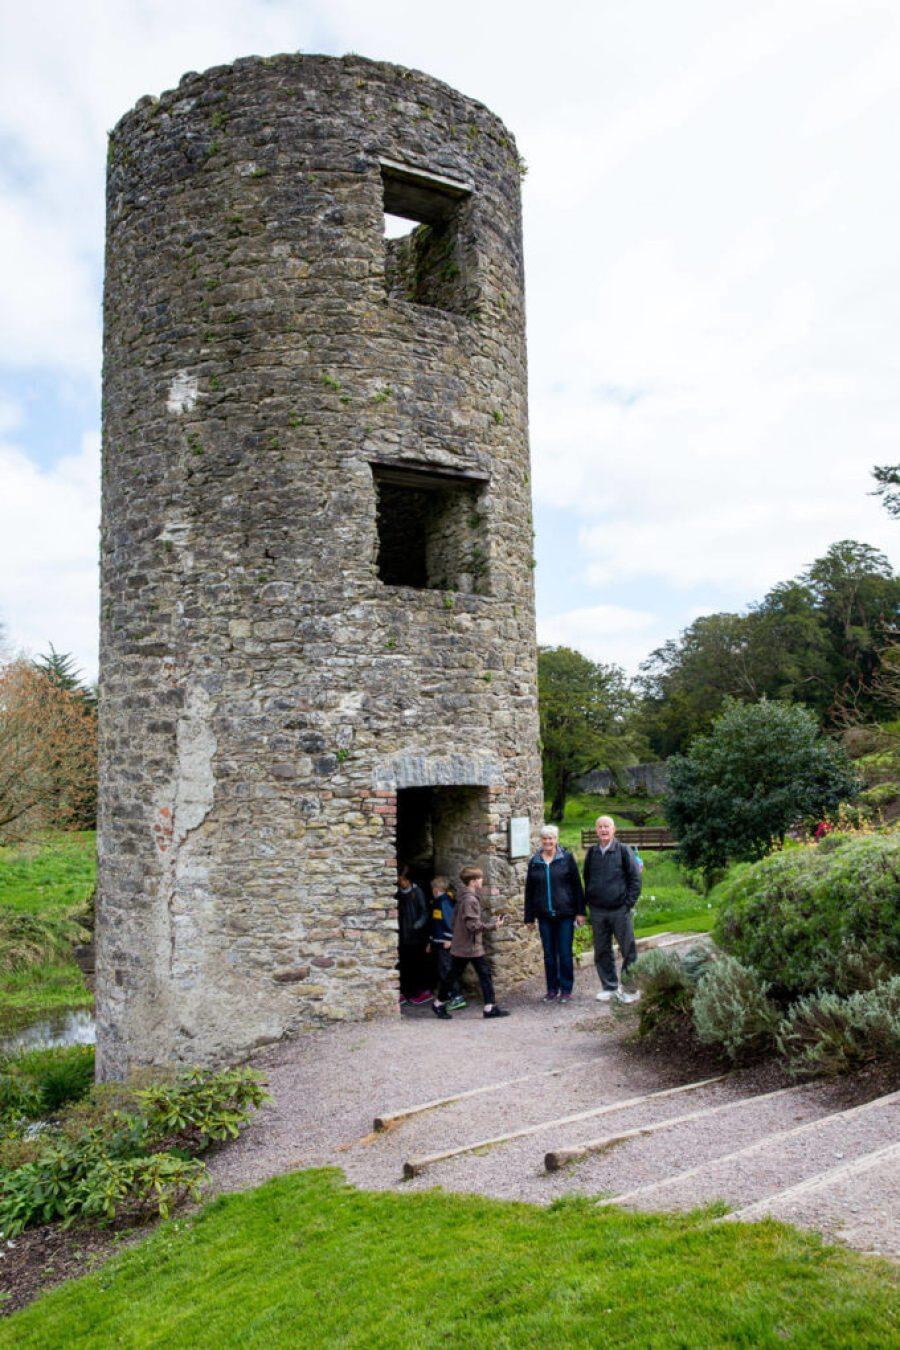 Blarney Castle Watch Tower in County Cork